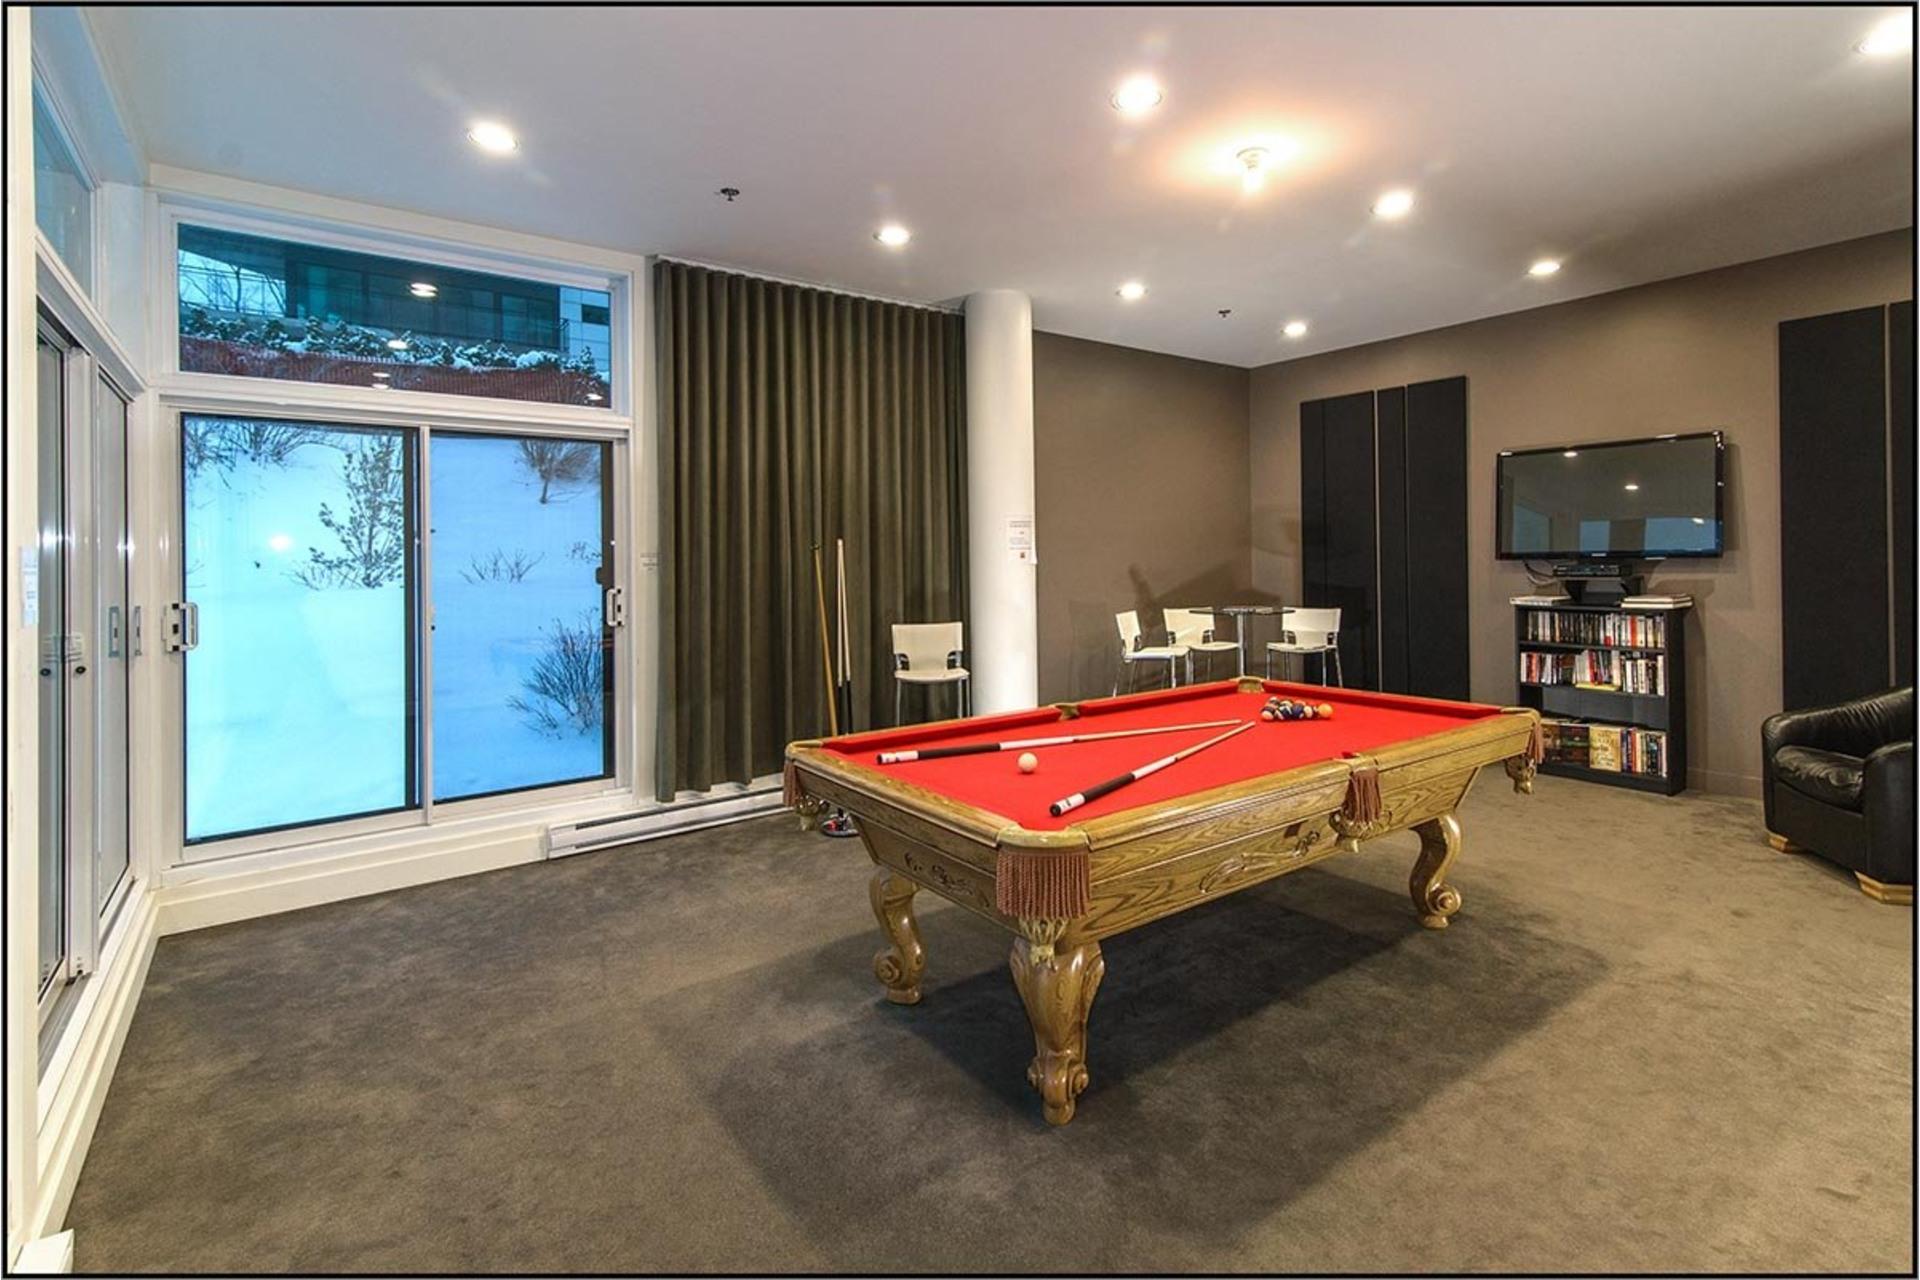 image 15 - Apartment For sale Saint-Augustin-de-Desmaures - 10 rooms